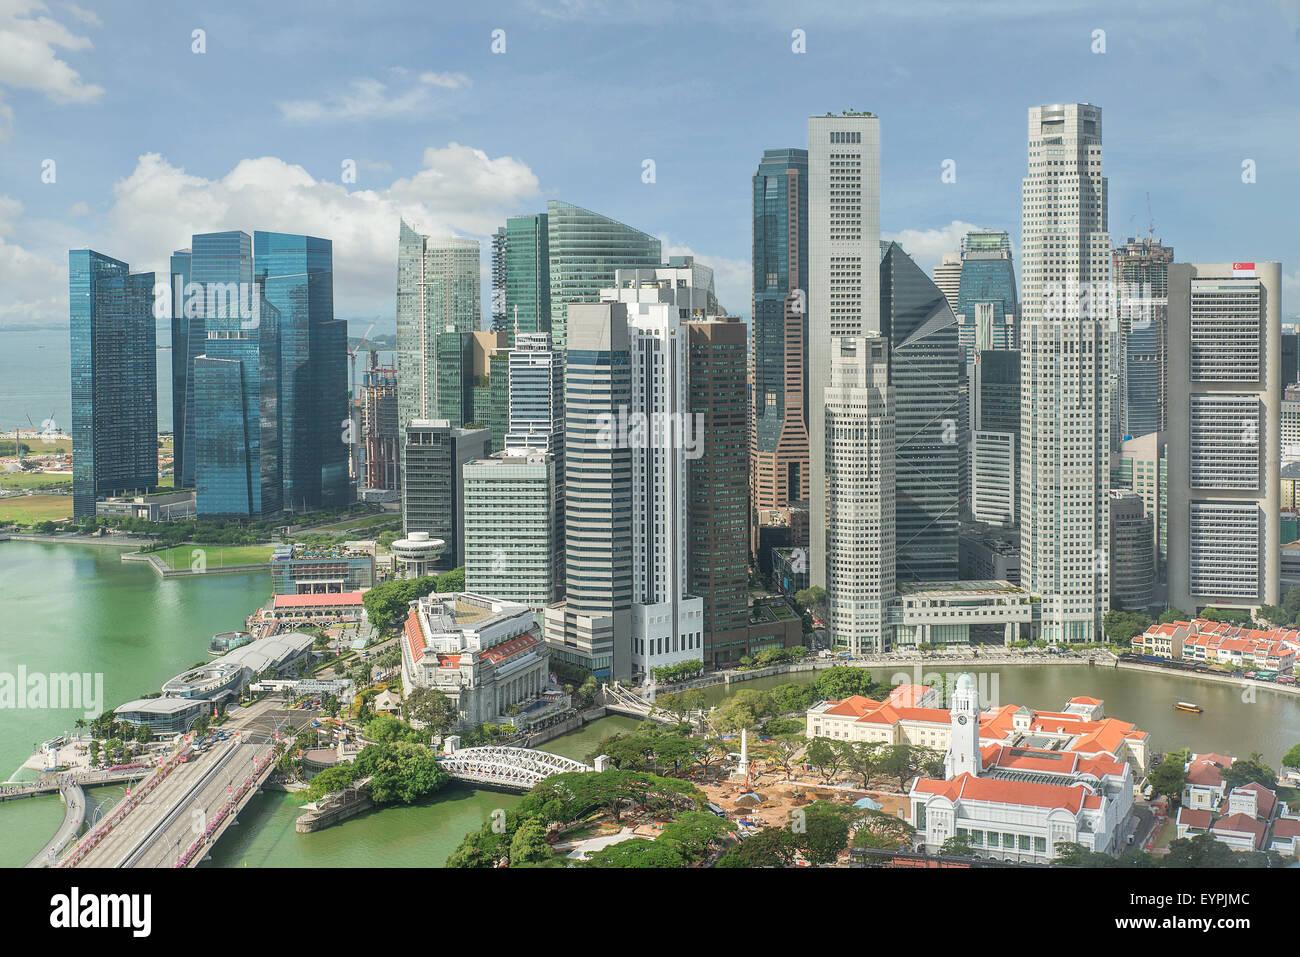 Singapore Skyline. Singapore`s business district. - Stock Image